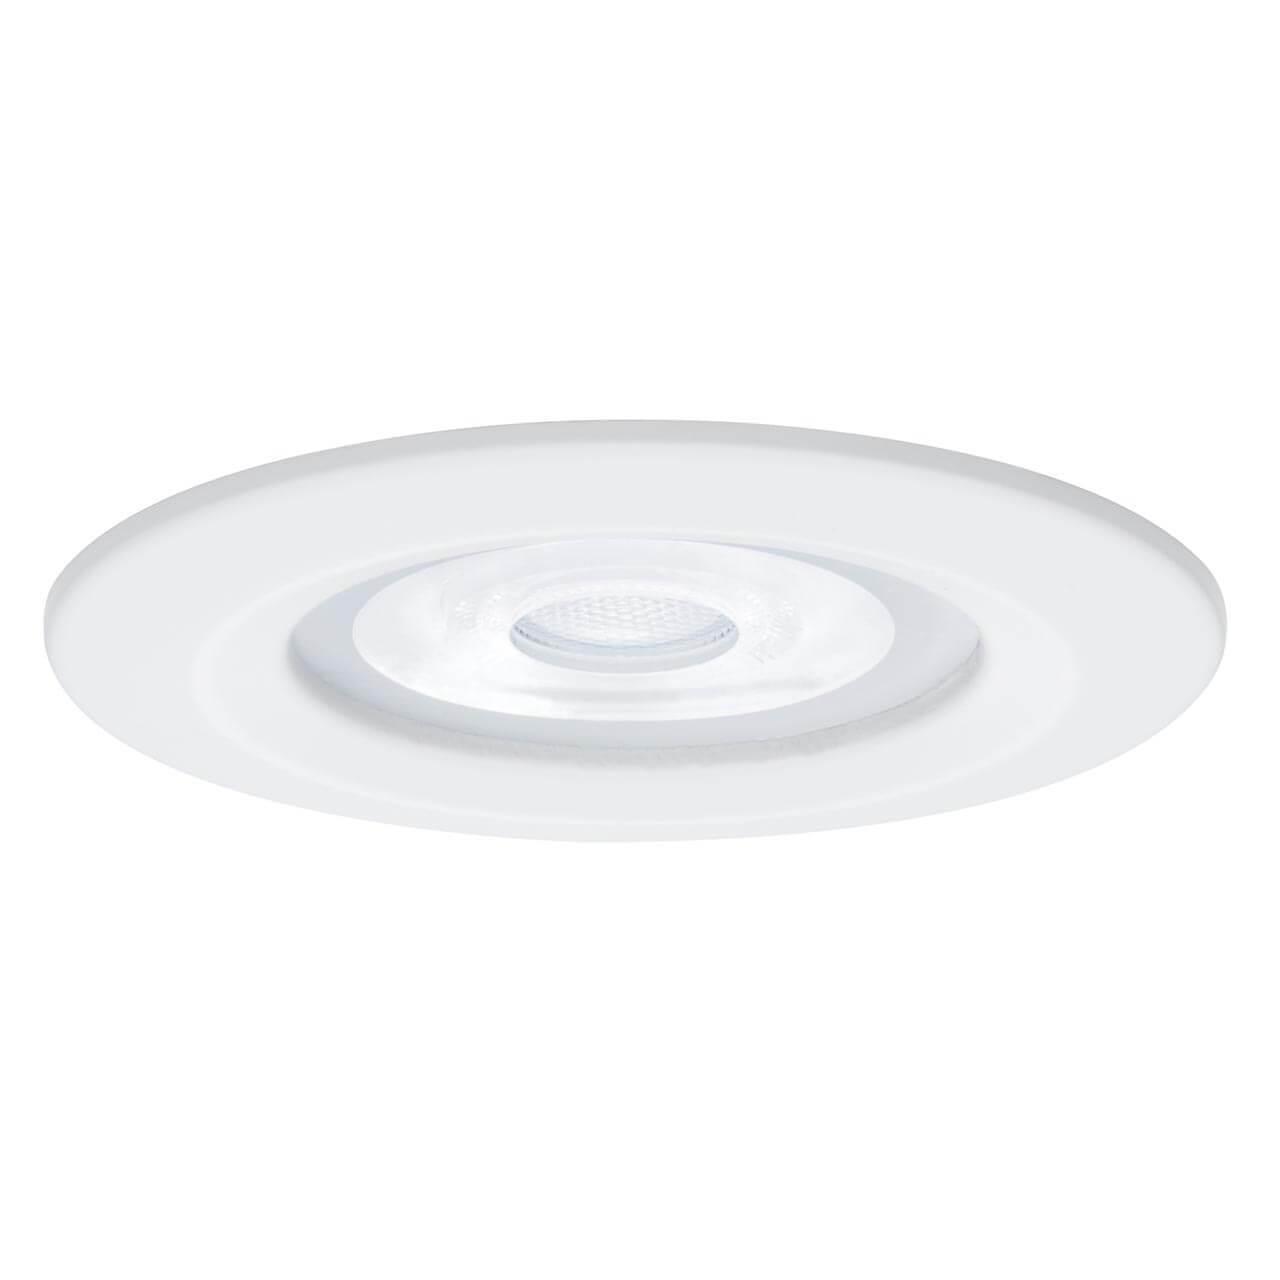 Встраиваемый светодиодный светильник Paulmann Nova 93653